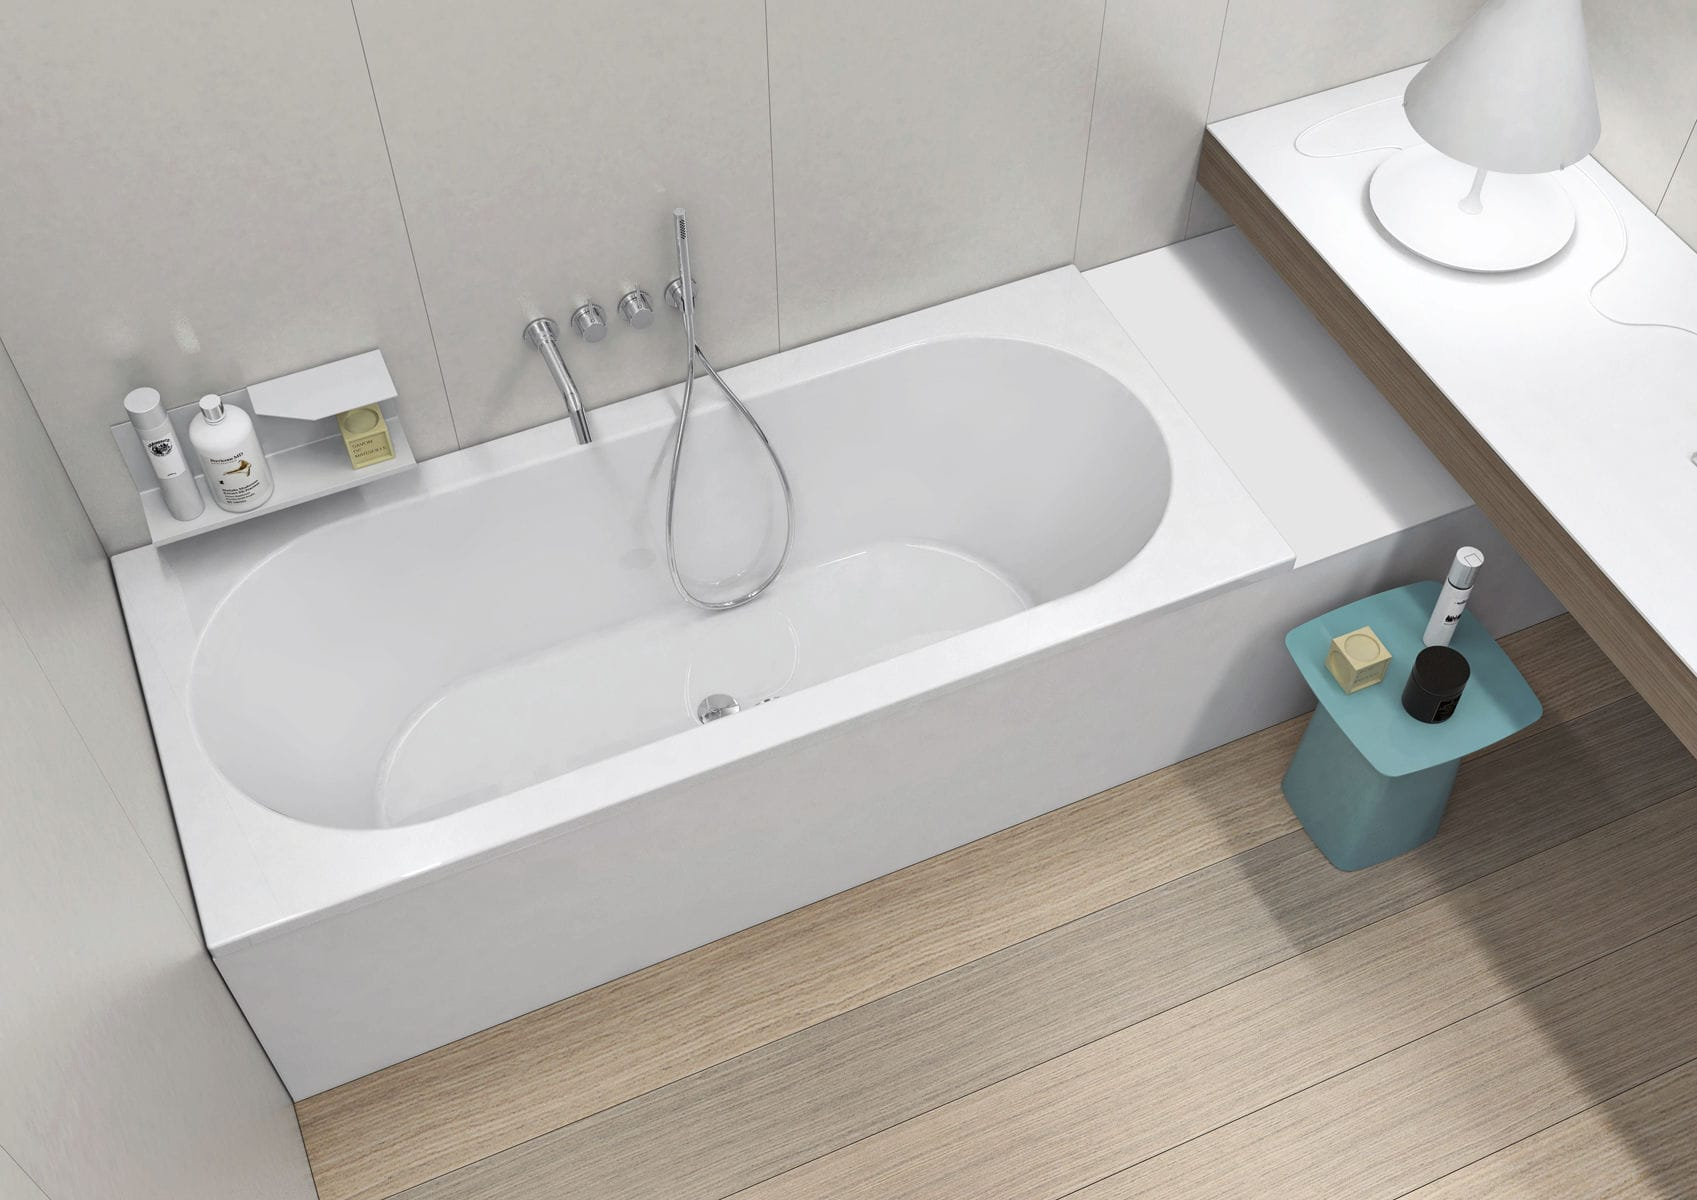 Vasca Da Bagno Makro Prezzi : Vasca da bagno ovale in corian in resina in marmo